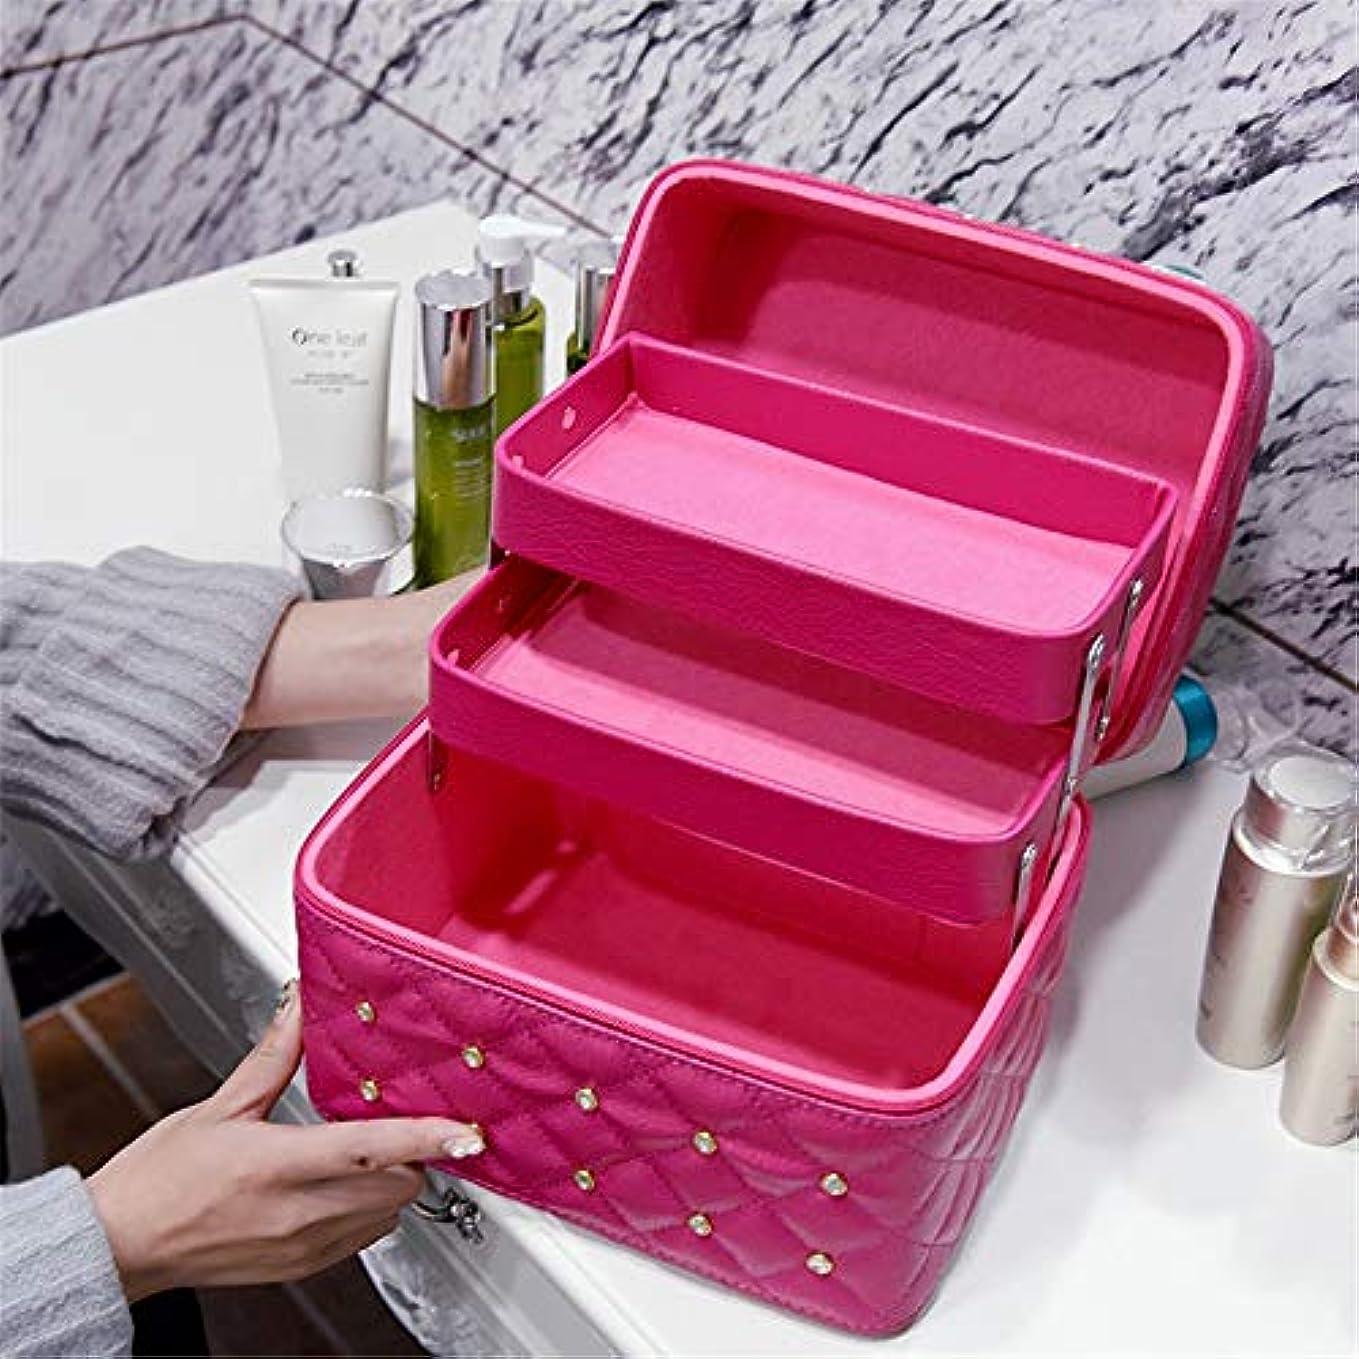 しばしばあらゆる種類の仕える化粧オーガナイザーバッグ メイクアップトラベルバッグPUレター防水化粧ケースティーン女の子の女性のアーティストのための 化粧品ケース